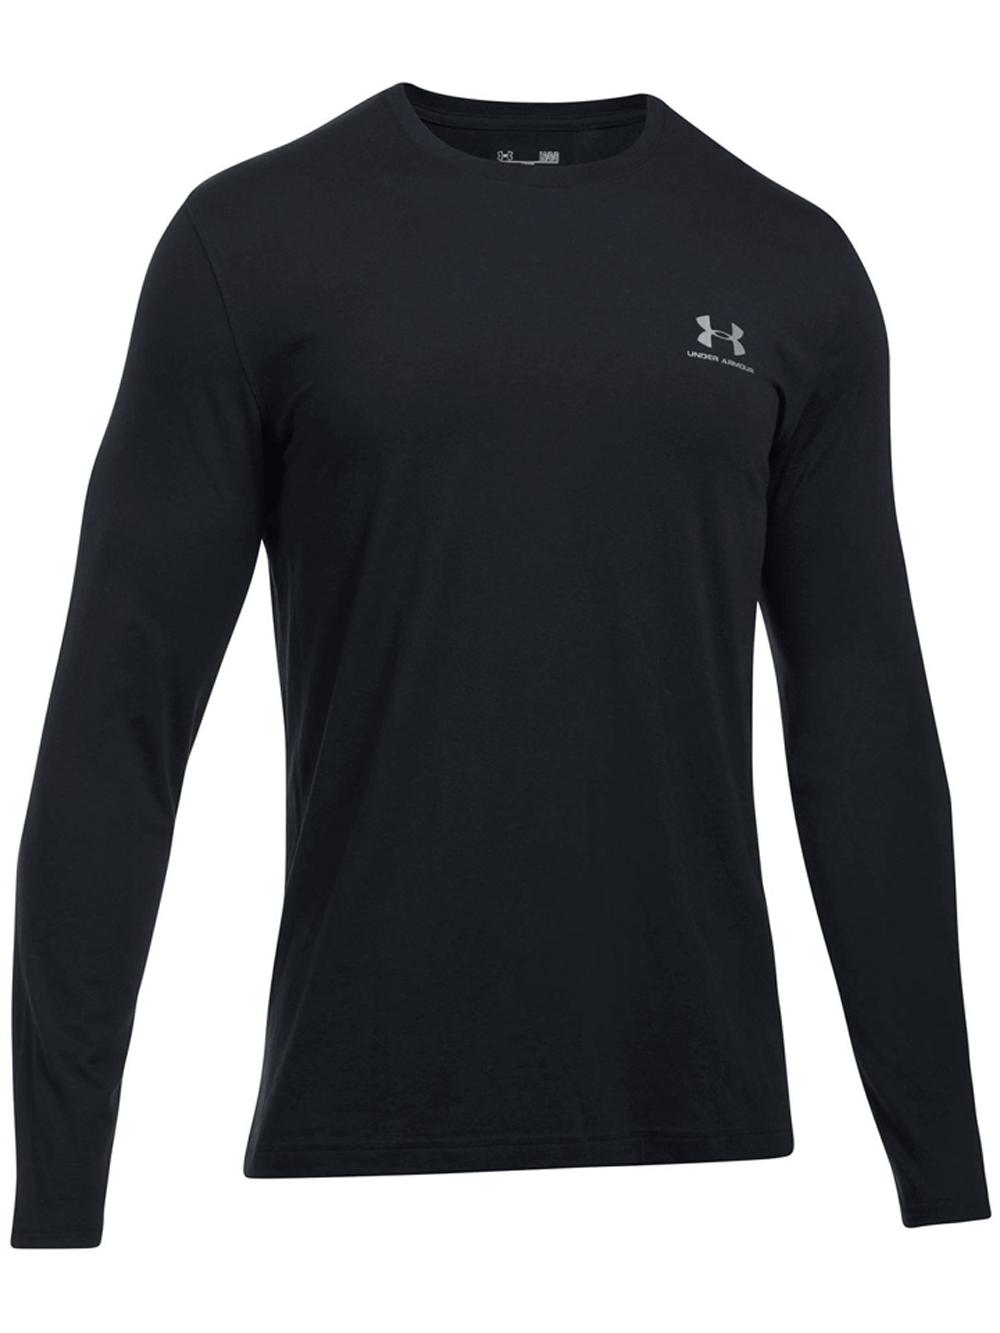 חולצת אימון אנדר ארמור שרוול ארוך לגבר 1289909-001 Under Armour men's long sleeve left Chest